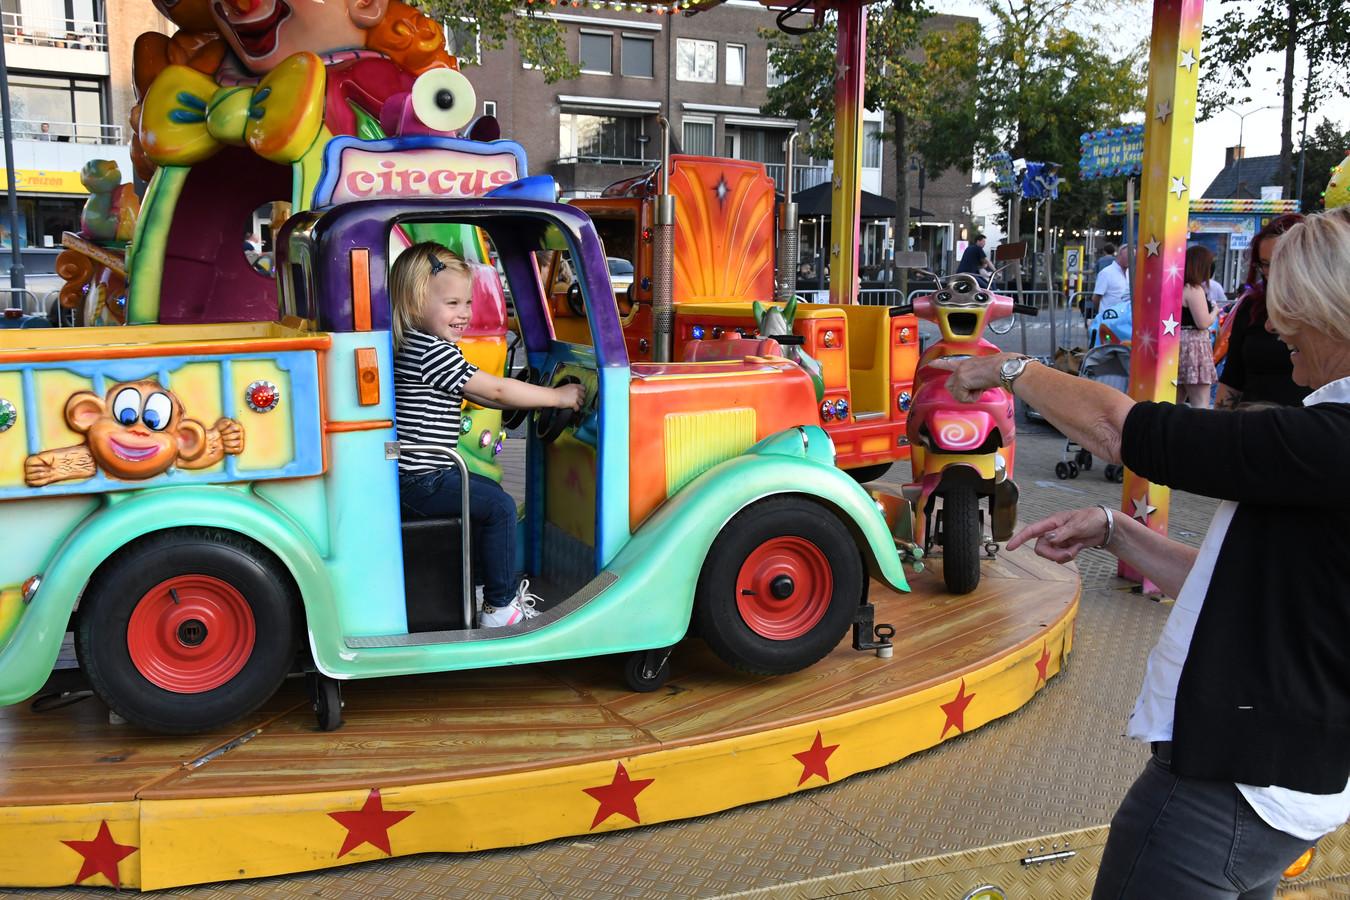 De mini-carrousel op de kinderkermis van Berlicum. Komend weekend strijkt exact dezelfde kermis neer op het Meanderplein in Sint-Michielsgestel